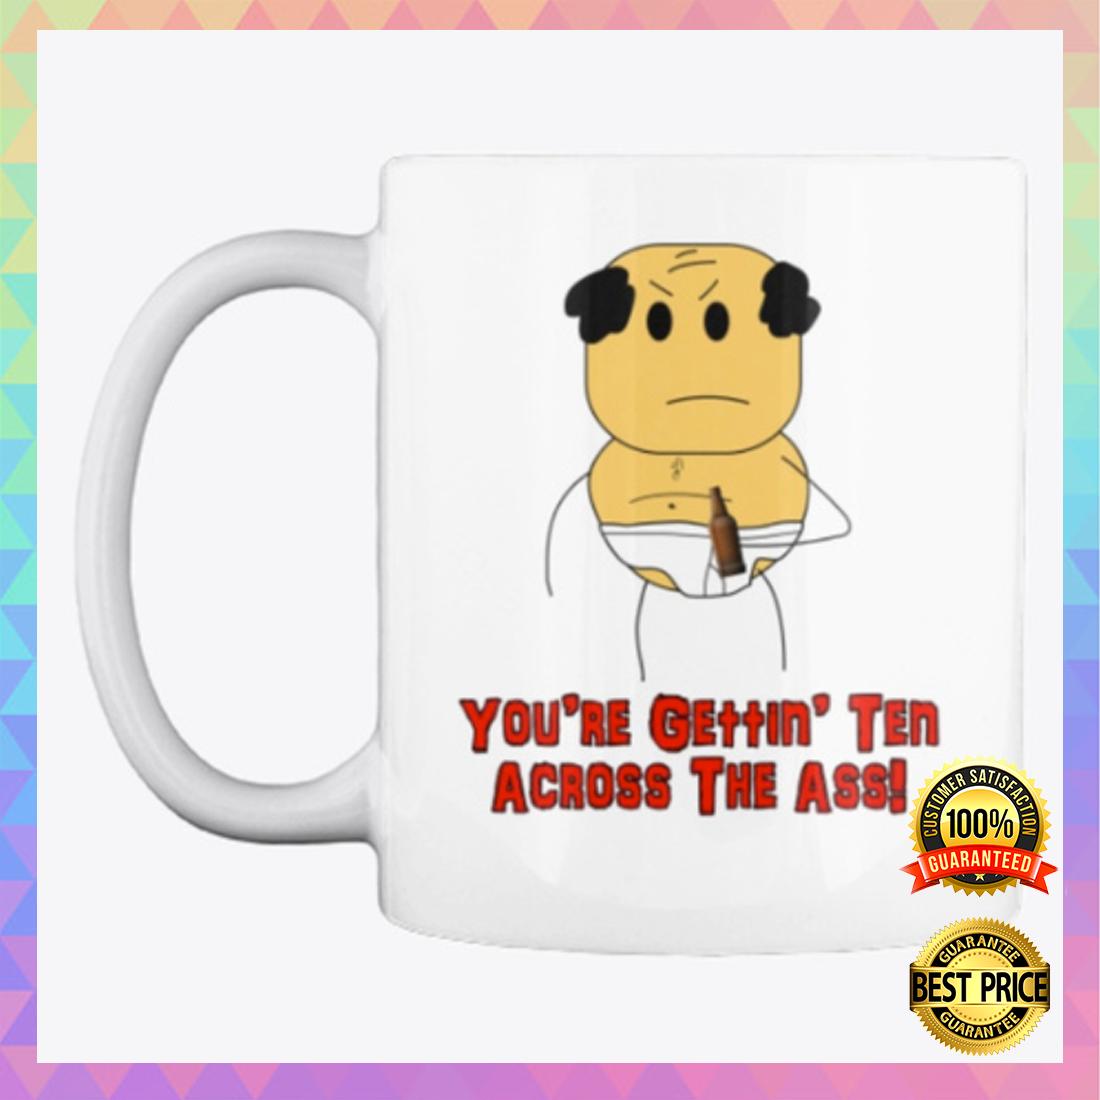 You're gettin ten across the ass mug 4